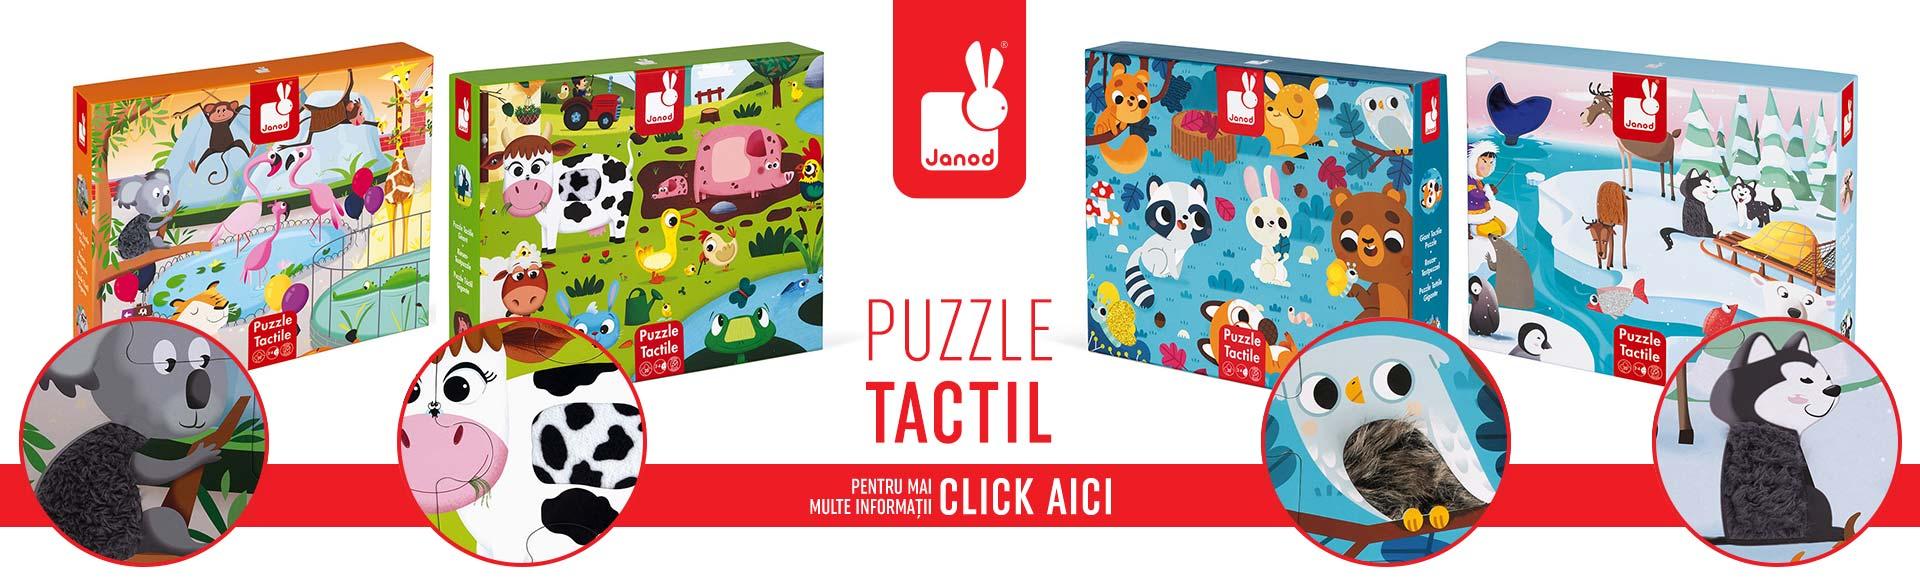 Banner - Puzzle tactil